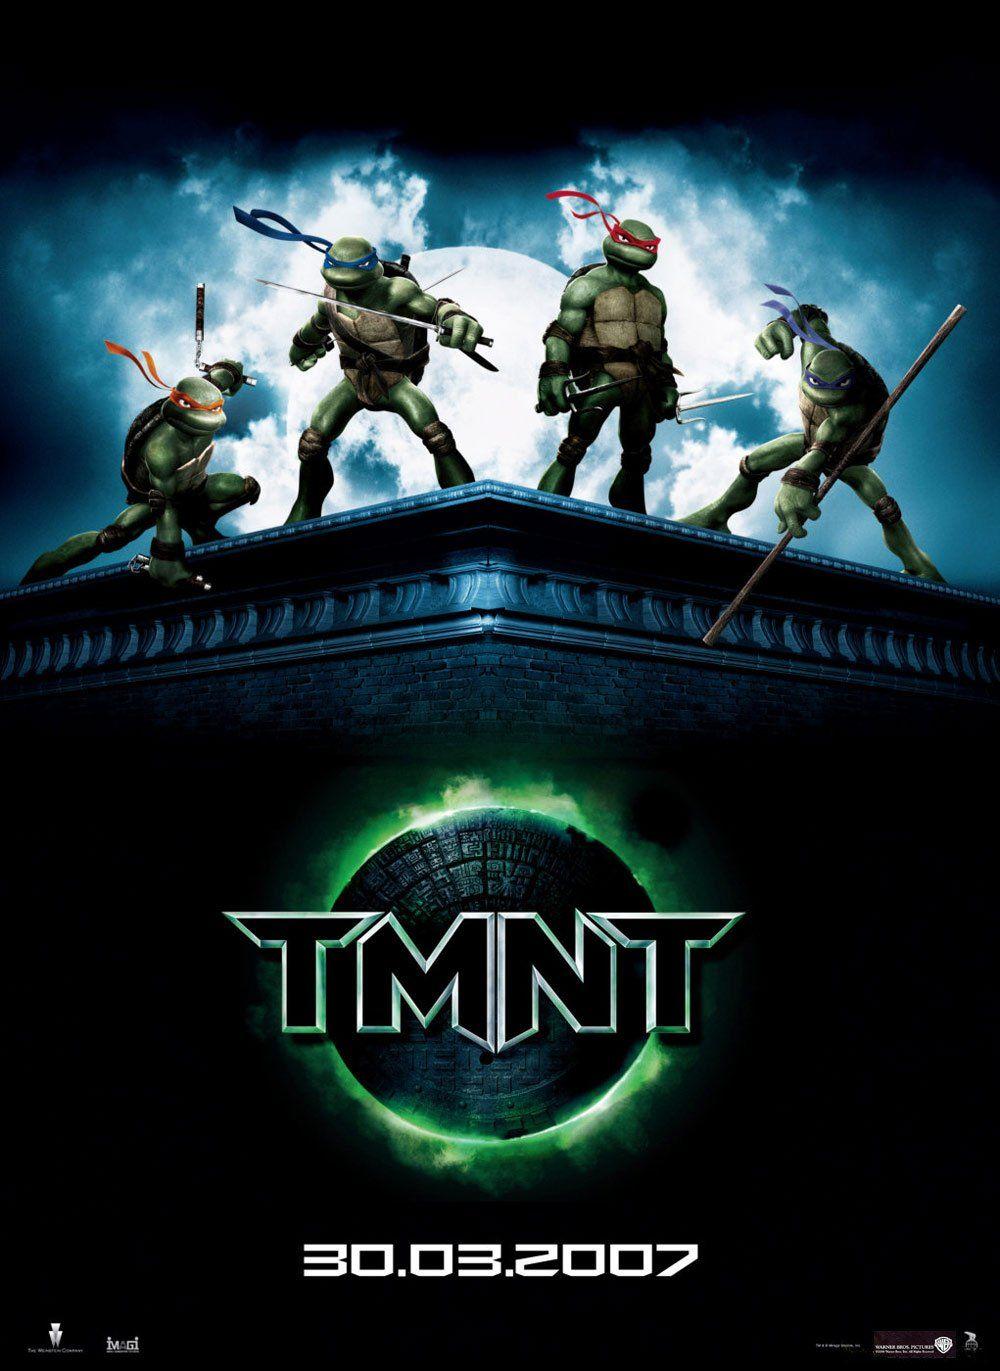 leo tmnt movie 2007